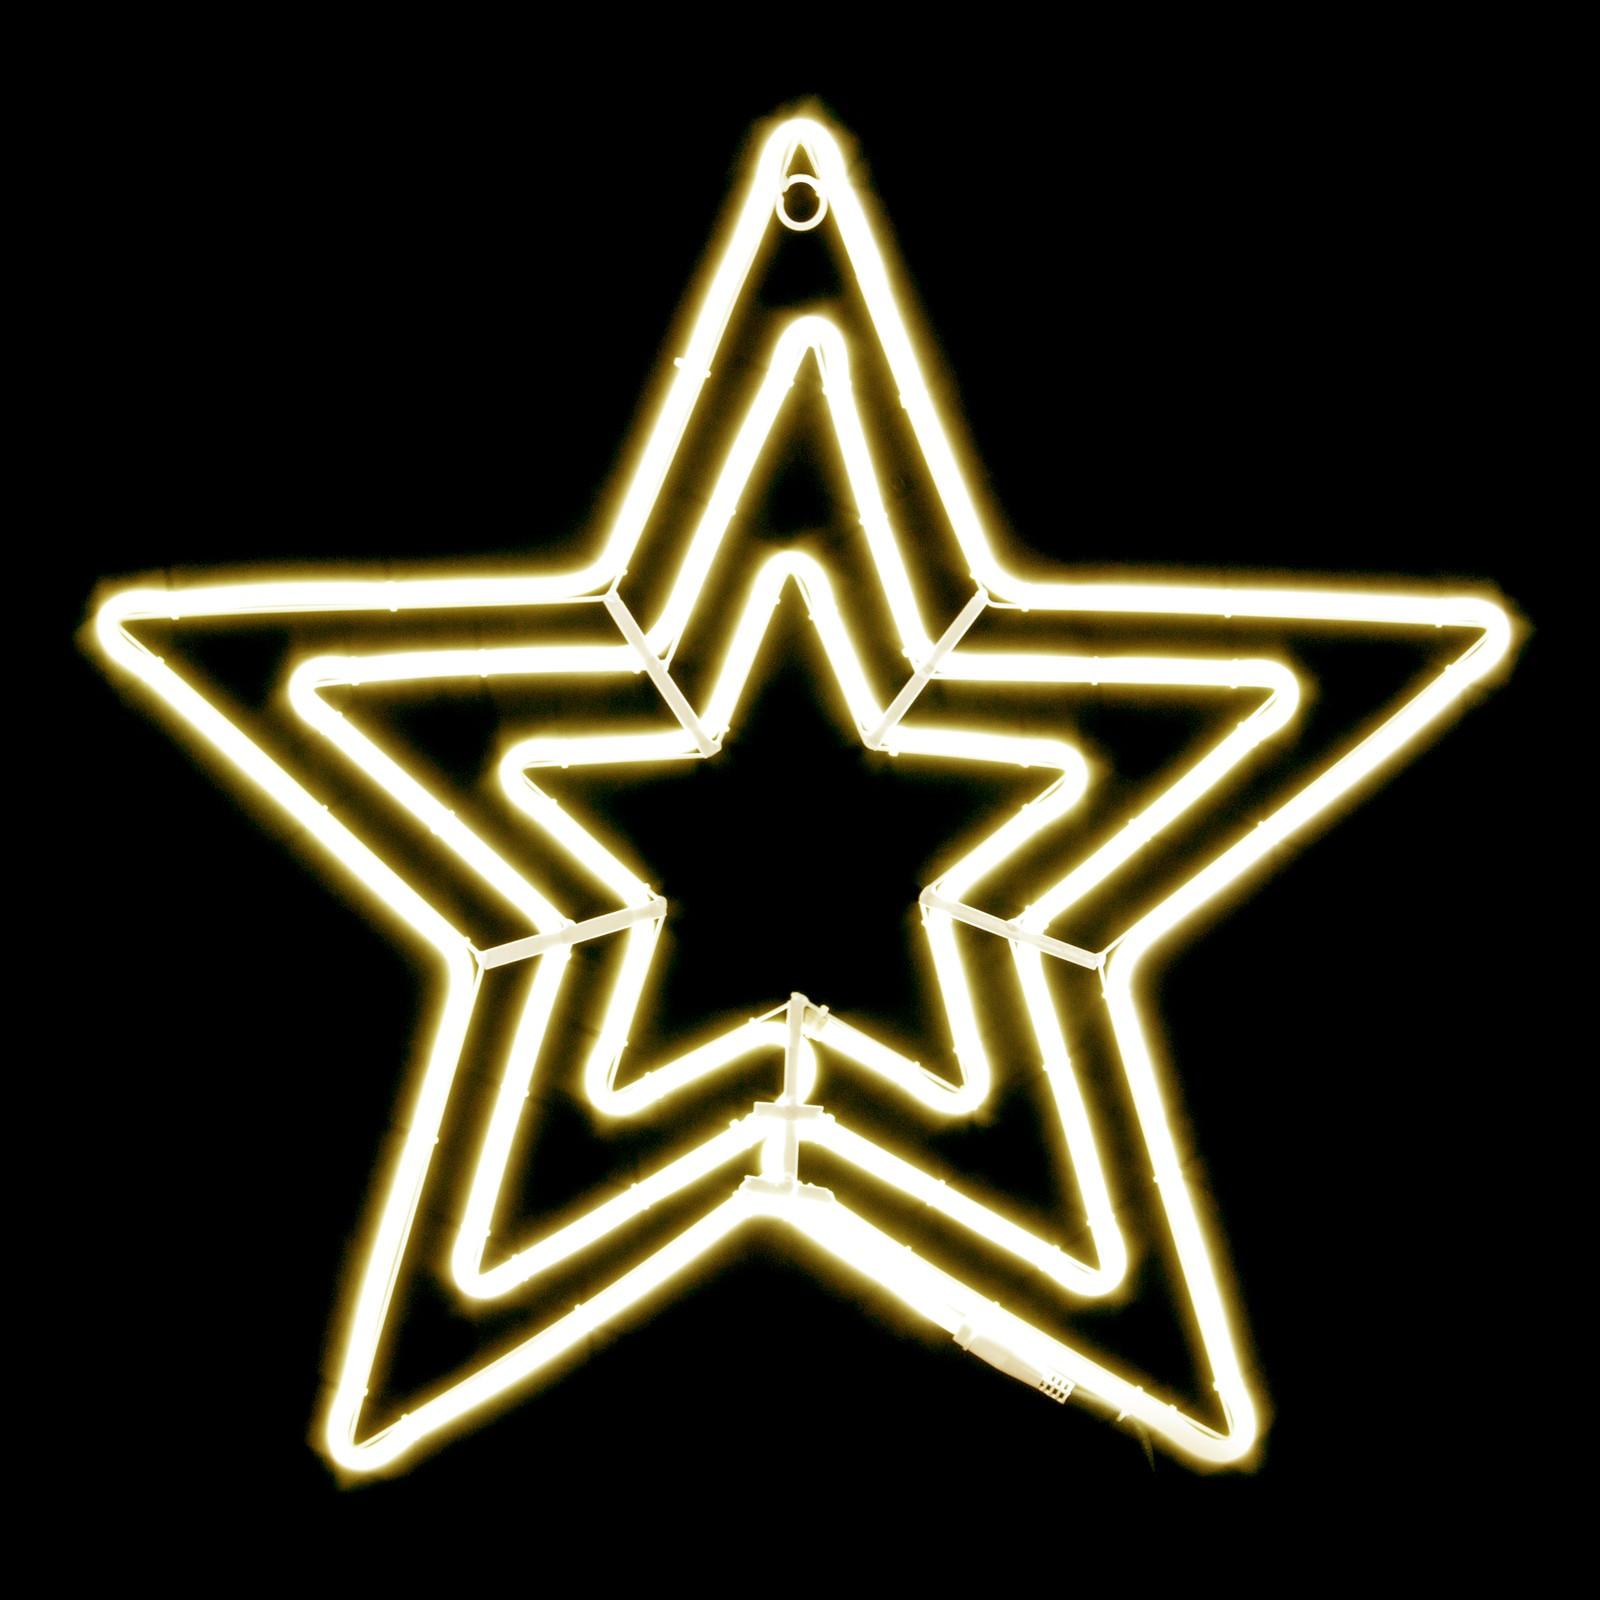 Full Size of Fenster Beleuchtung Neon Led Stern Fensterbeleuchtung Mit 600 Leds Pridea Products Spiegelschrank Bad Und Steckdose Insektenschutz Ohne Bohren Einbruchschutz Fenster Fenster Beleuchtung